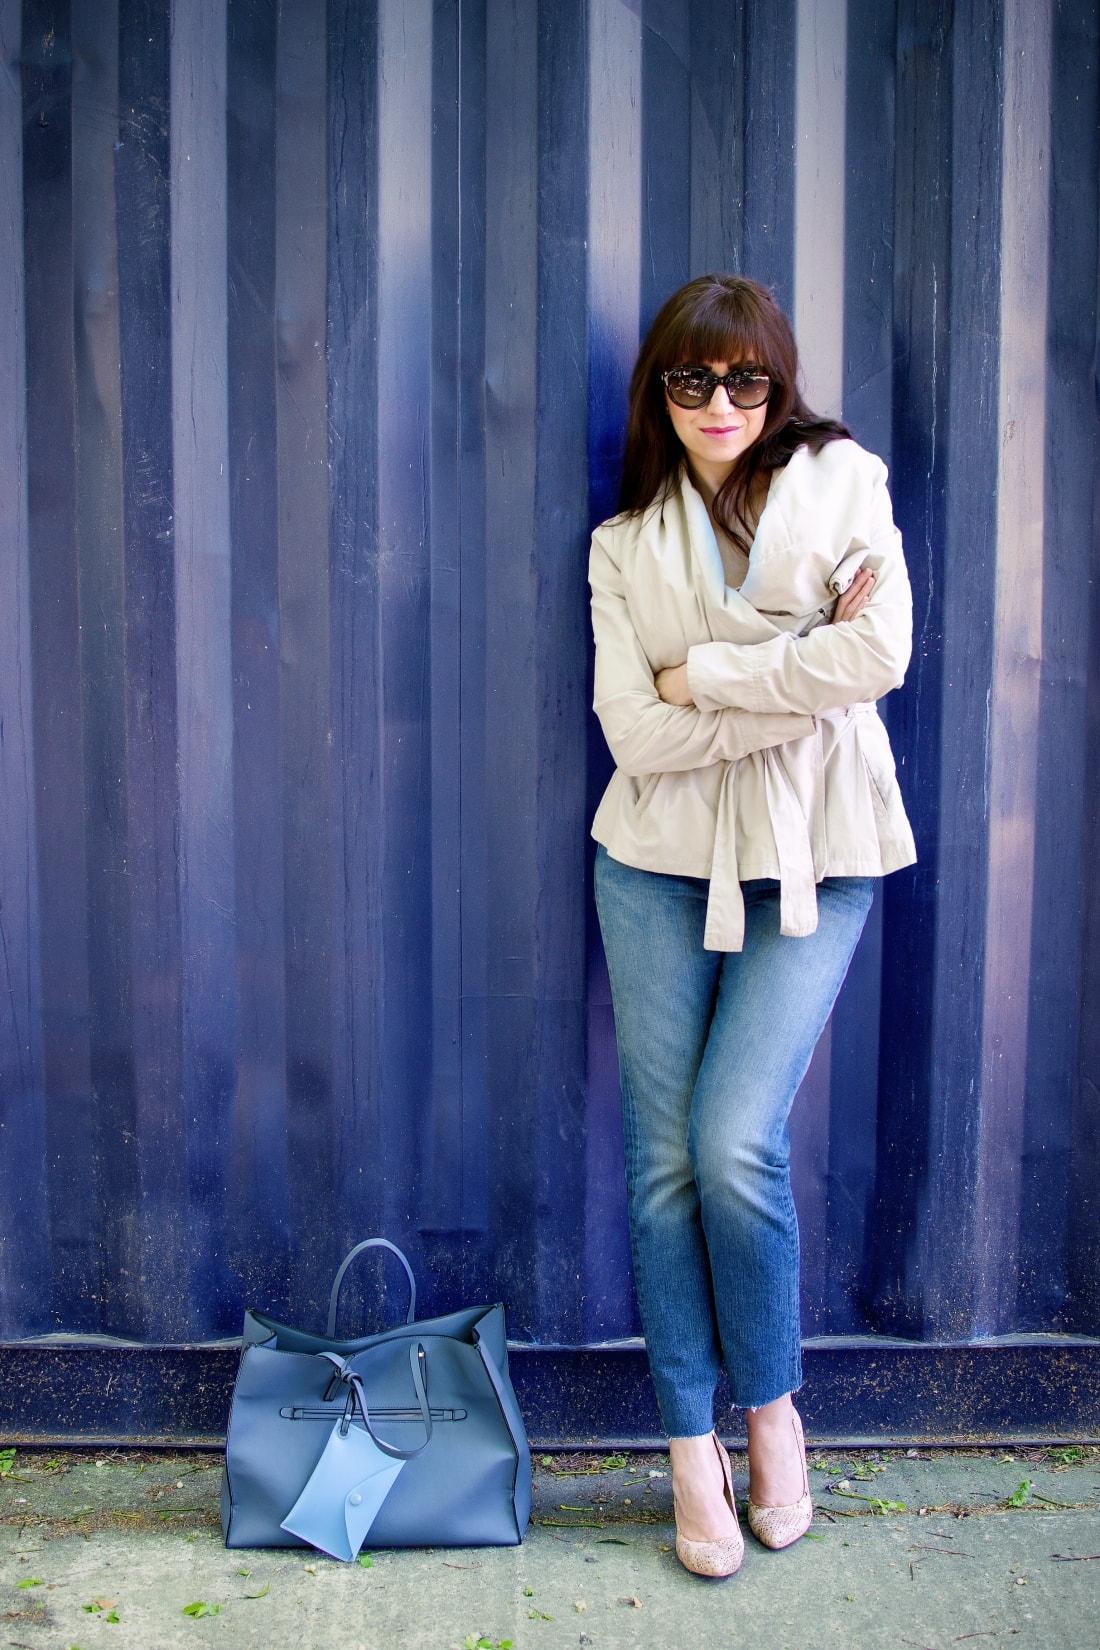 5 rád ako sa nezblázniť z nepadnúcich džínsov_Katharine-fashion is beautiful blog 3_Džínsy Levis_Ružový top_Katarína Jakubčová_Fashion blogger